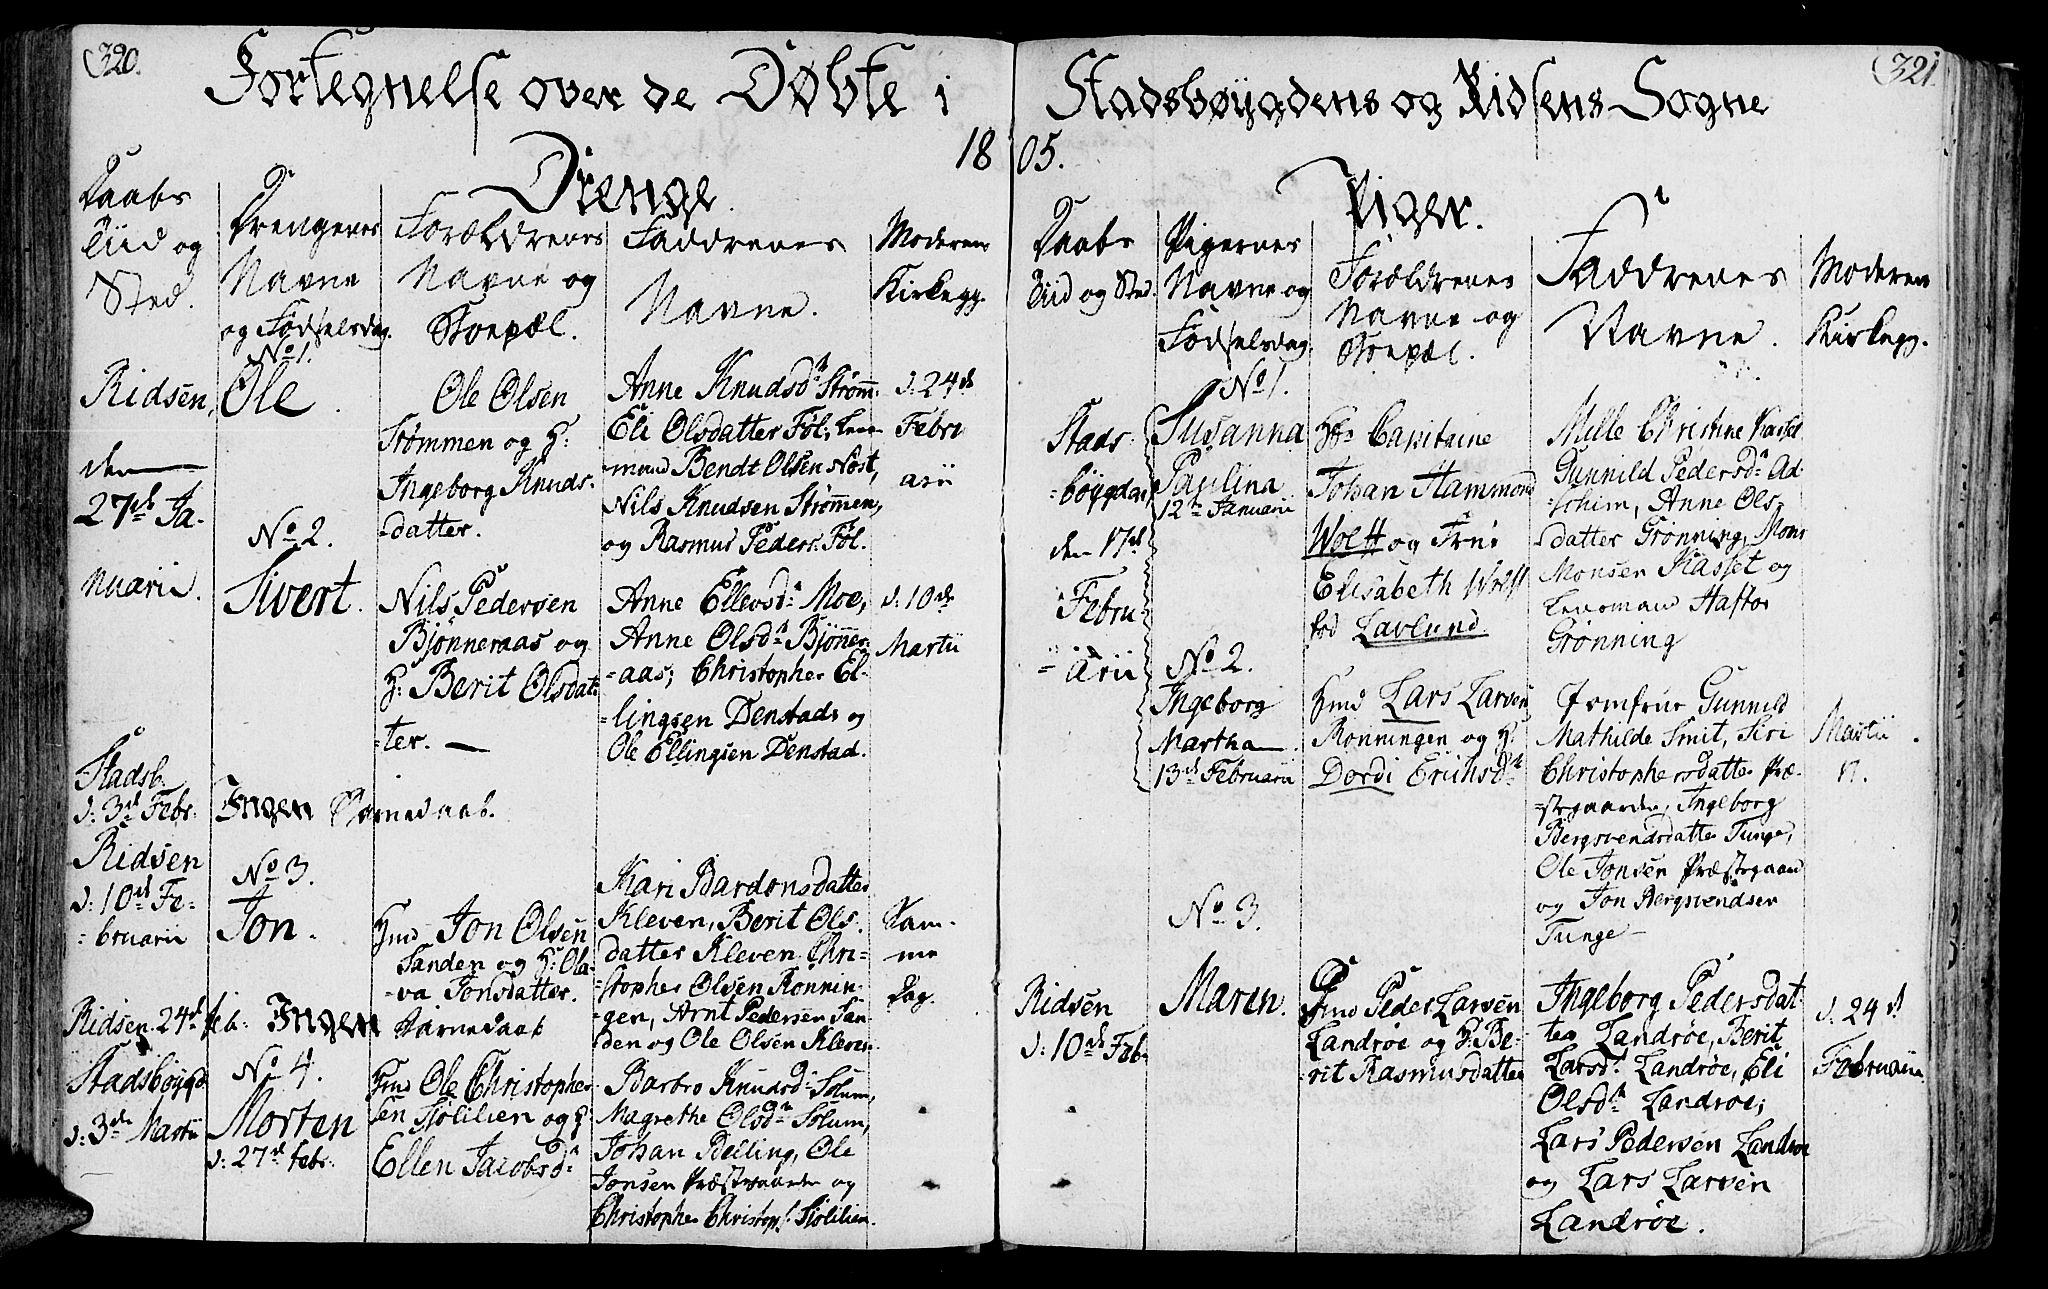 SAT, Ministerialprotokoller, klokkerbøker og fødselsregistre - Sør-Trøndelag, 646/L0606: Ministerialbok nr. 646A04, 1791-1805, s. 320-321